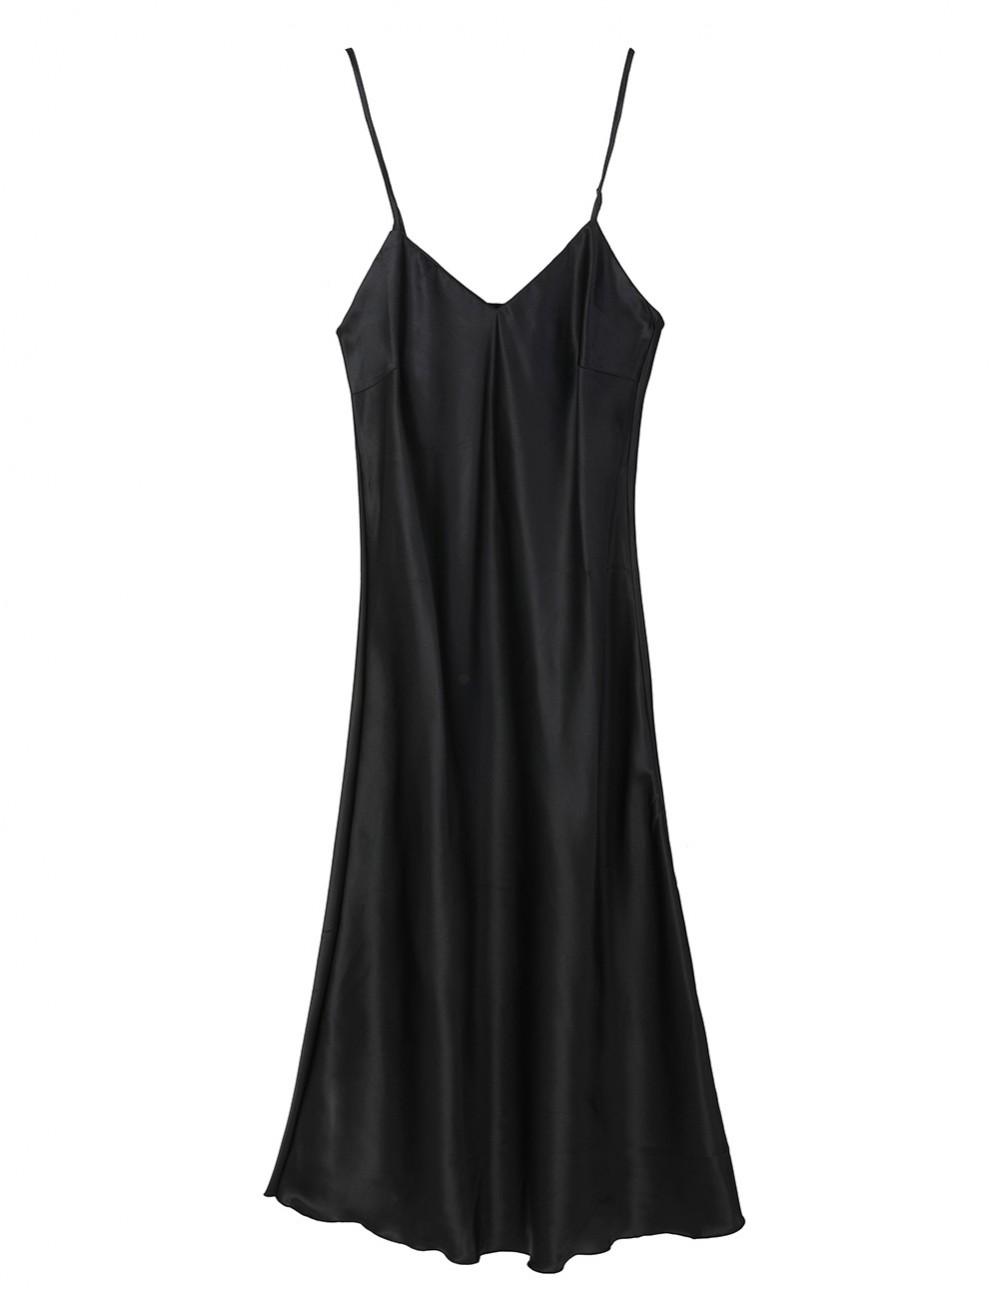 Angel Black Open Back V Neck Adjustable Strap Sleepwear Private Fashion